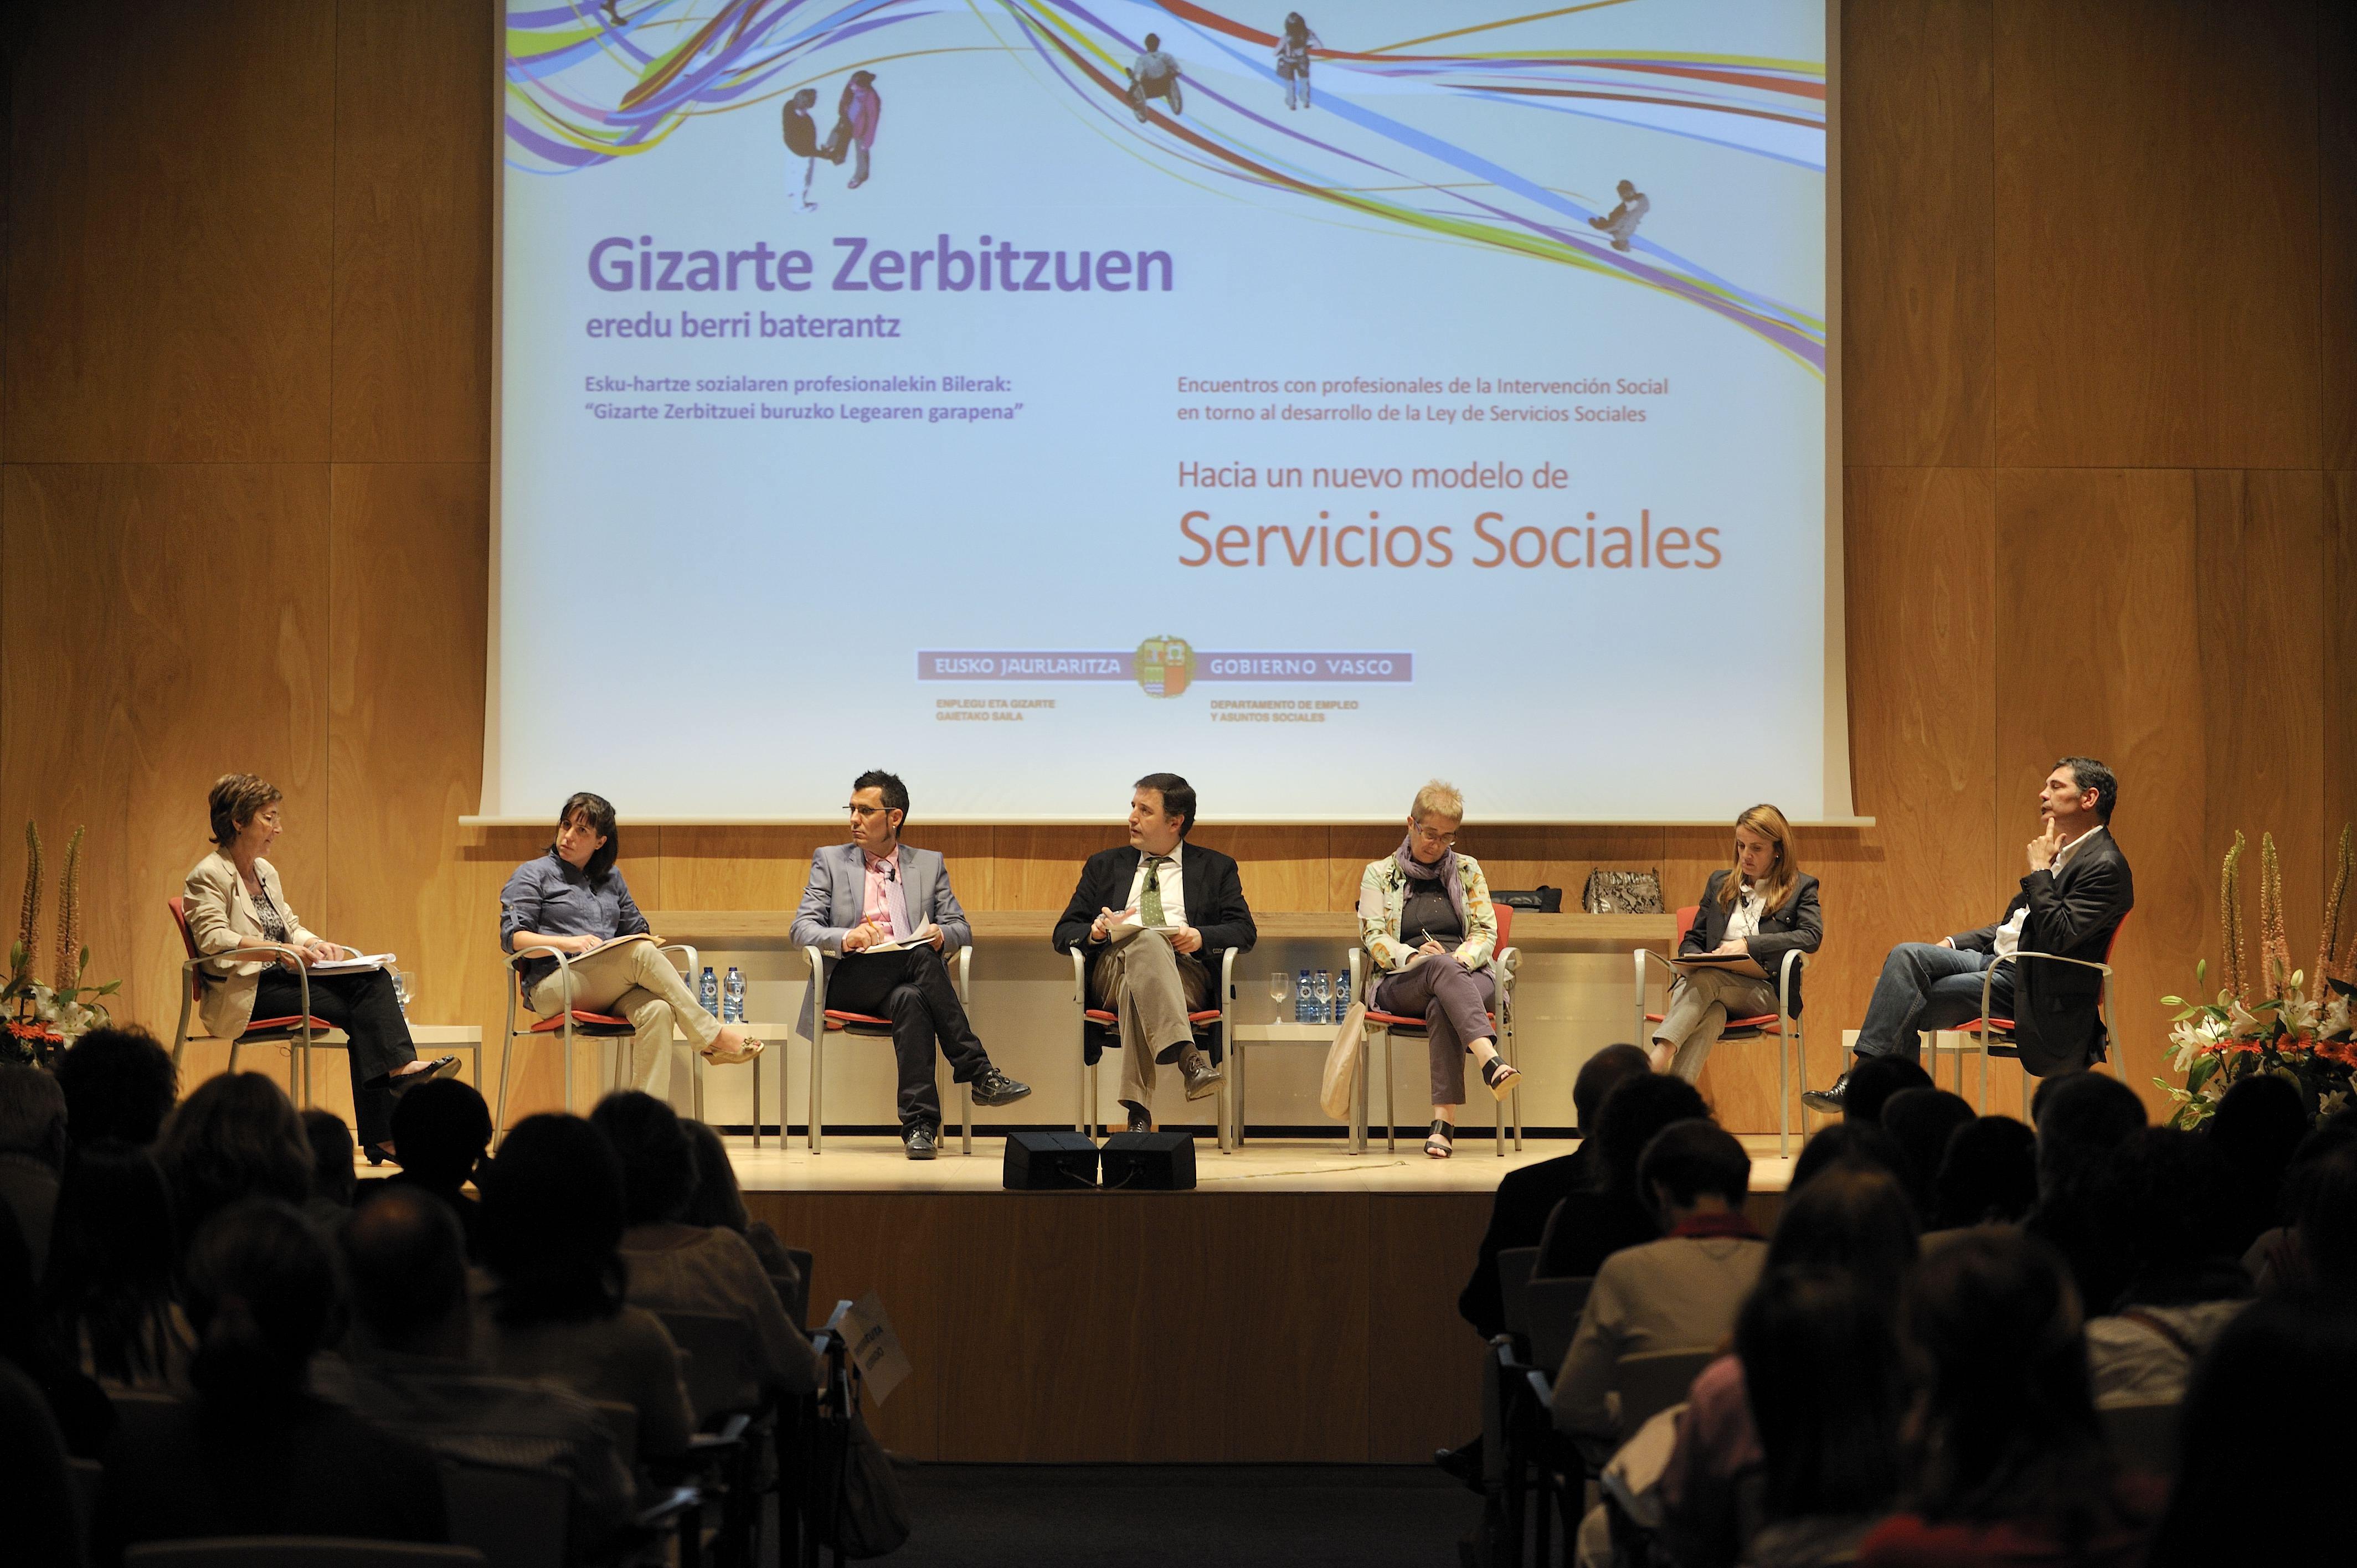 servicios_sociales7.jpg